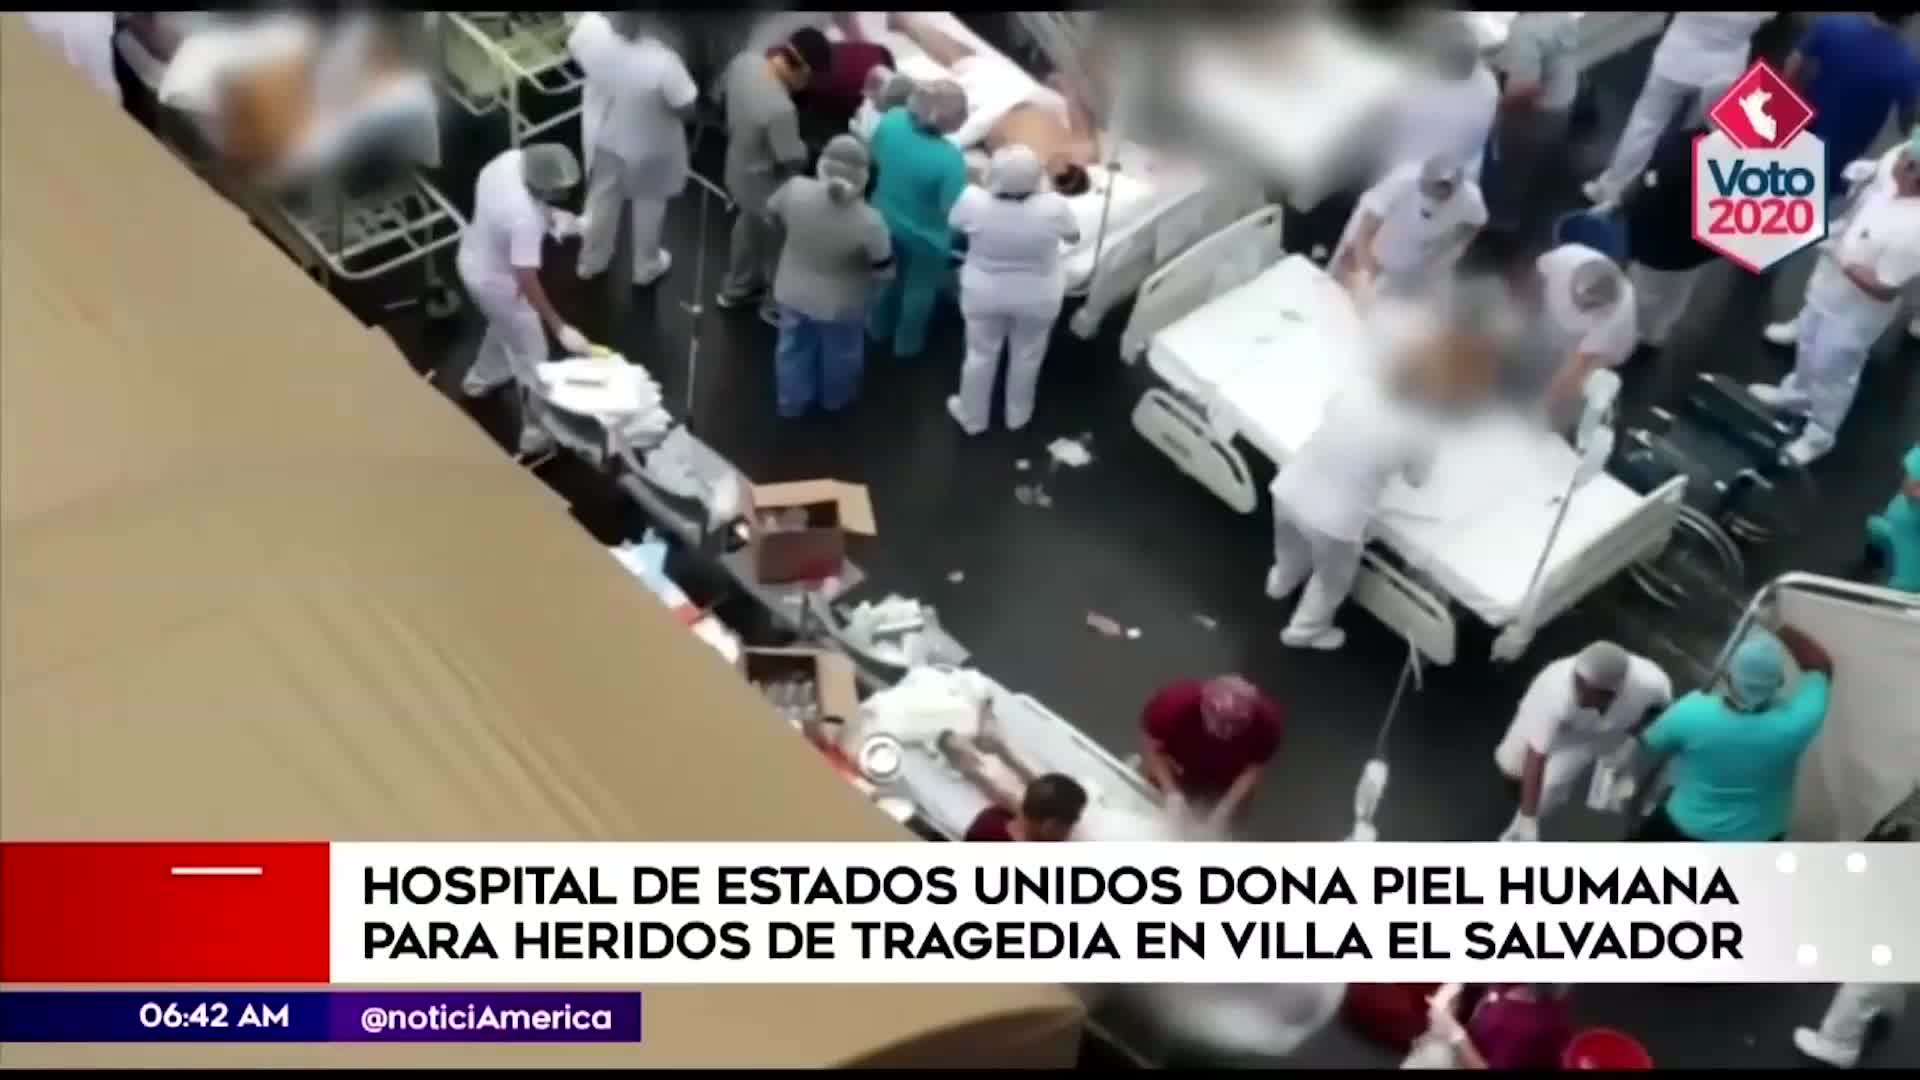 Incendio en VES: Estados Unidos envía donación de piel humana para ayudar a víctimas